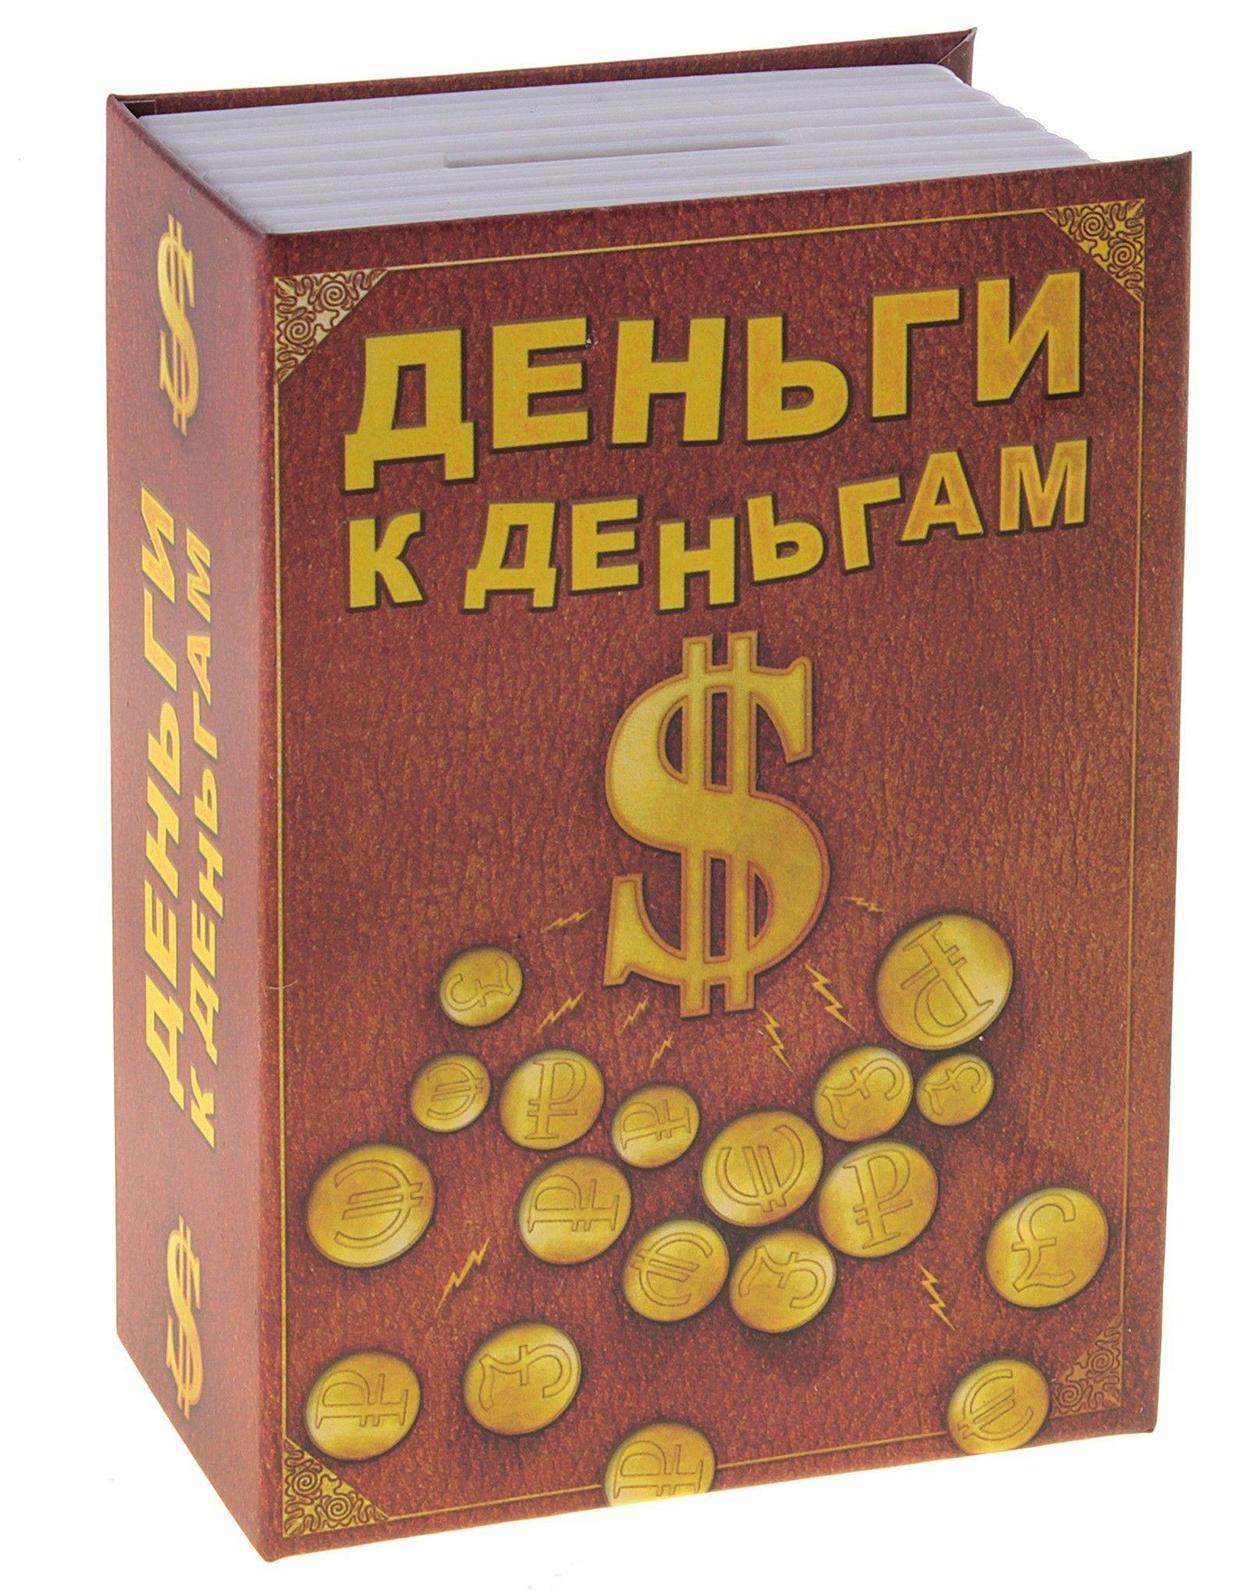 Сейф-копилка Деньги к деньгам. 663727663727Сейф-копилка Деньги к деньгам - отличный подарок, подчеркивающий яркую индивидуальность и амбициозные планы того, кому он предназначается. Изготовлена из металла и декорирована соответствующей надписью. Сейф оснащен замком и закрывается на ключ. Копилка - это оригинальный и нужный подарок на все случаи жизни. Характеристики: Материал: металл. Цвет: коричневый. Размер копилки: 11,5 см х 11,5 см х 8 см. Размер упаковки: 12 см х 12 см х 8,5 см. Производитель: Китай. Артикул: 663727.